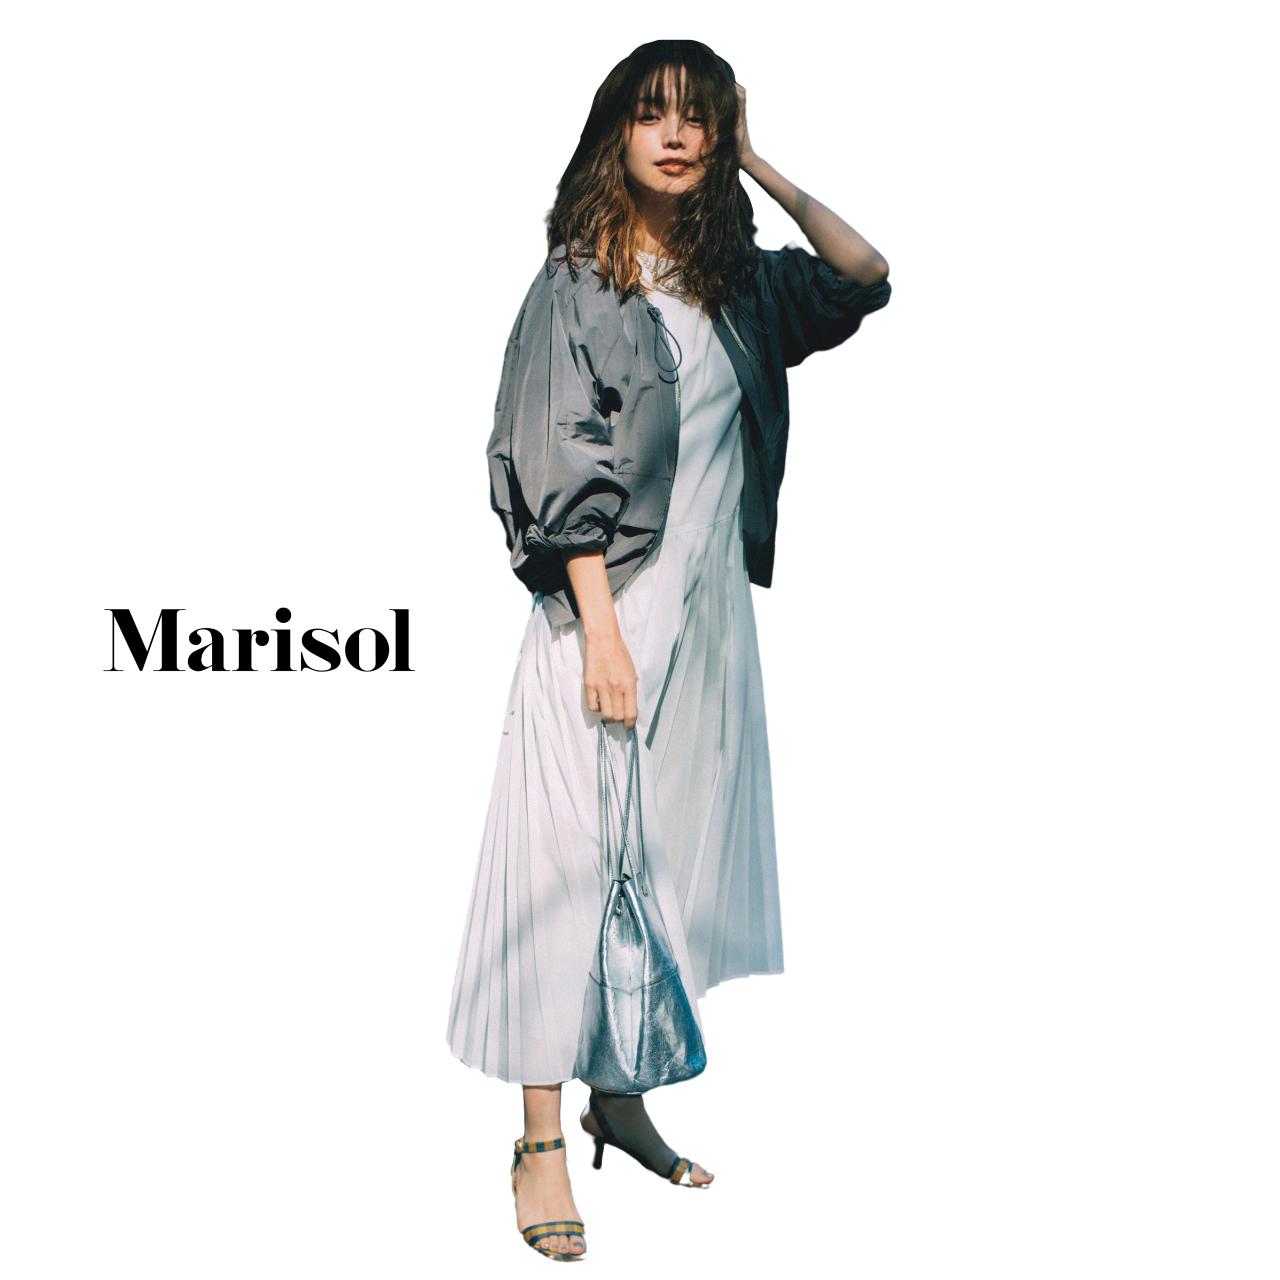 40代ファッション ブルゾン×プリーツワンピースコーデ